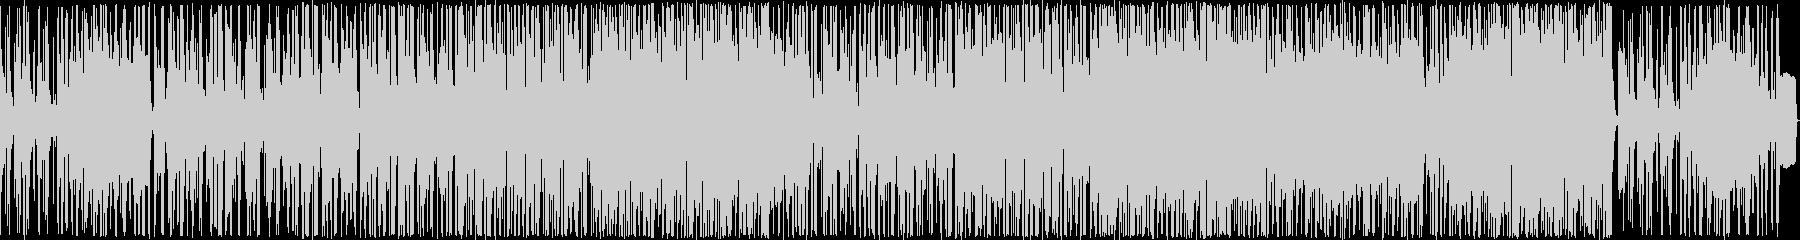 ヒップホップ風のリズムのR&Bバラード7の未再生の波形